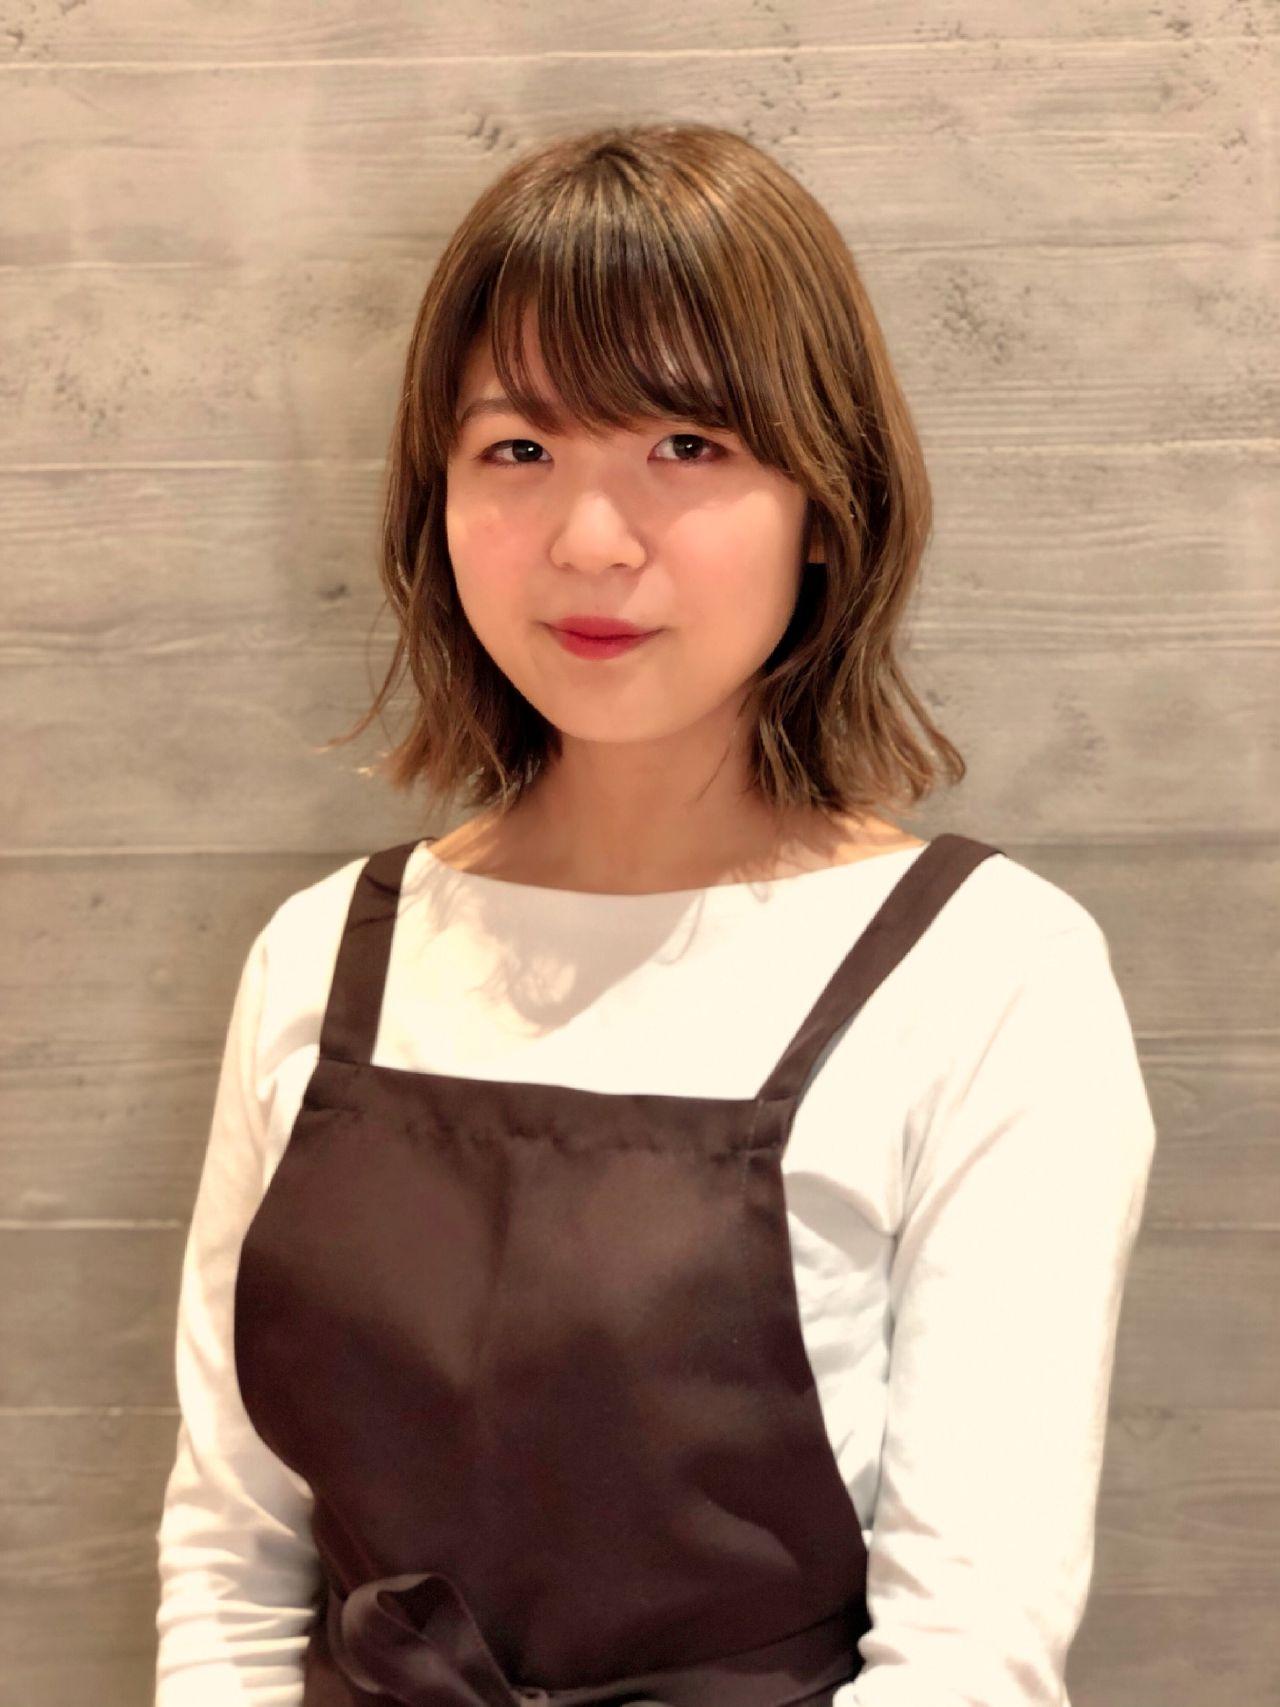 メンズグルーミングサロン 新宿店 久保 結羽